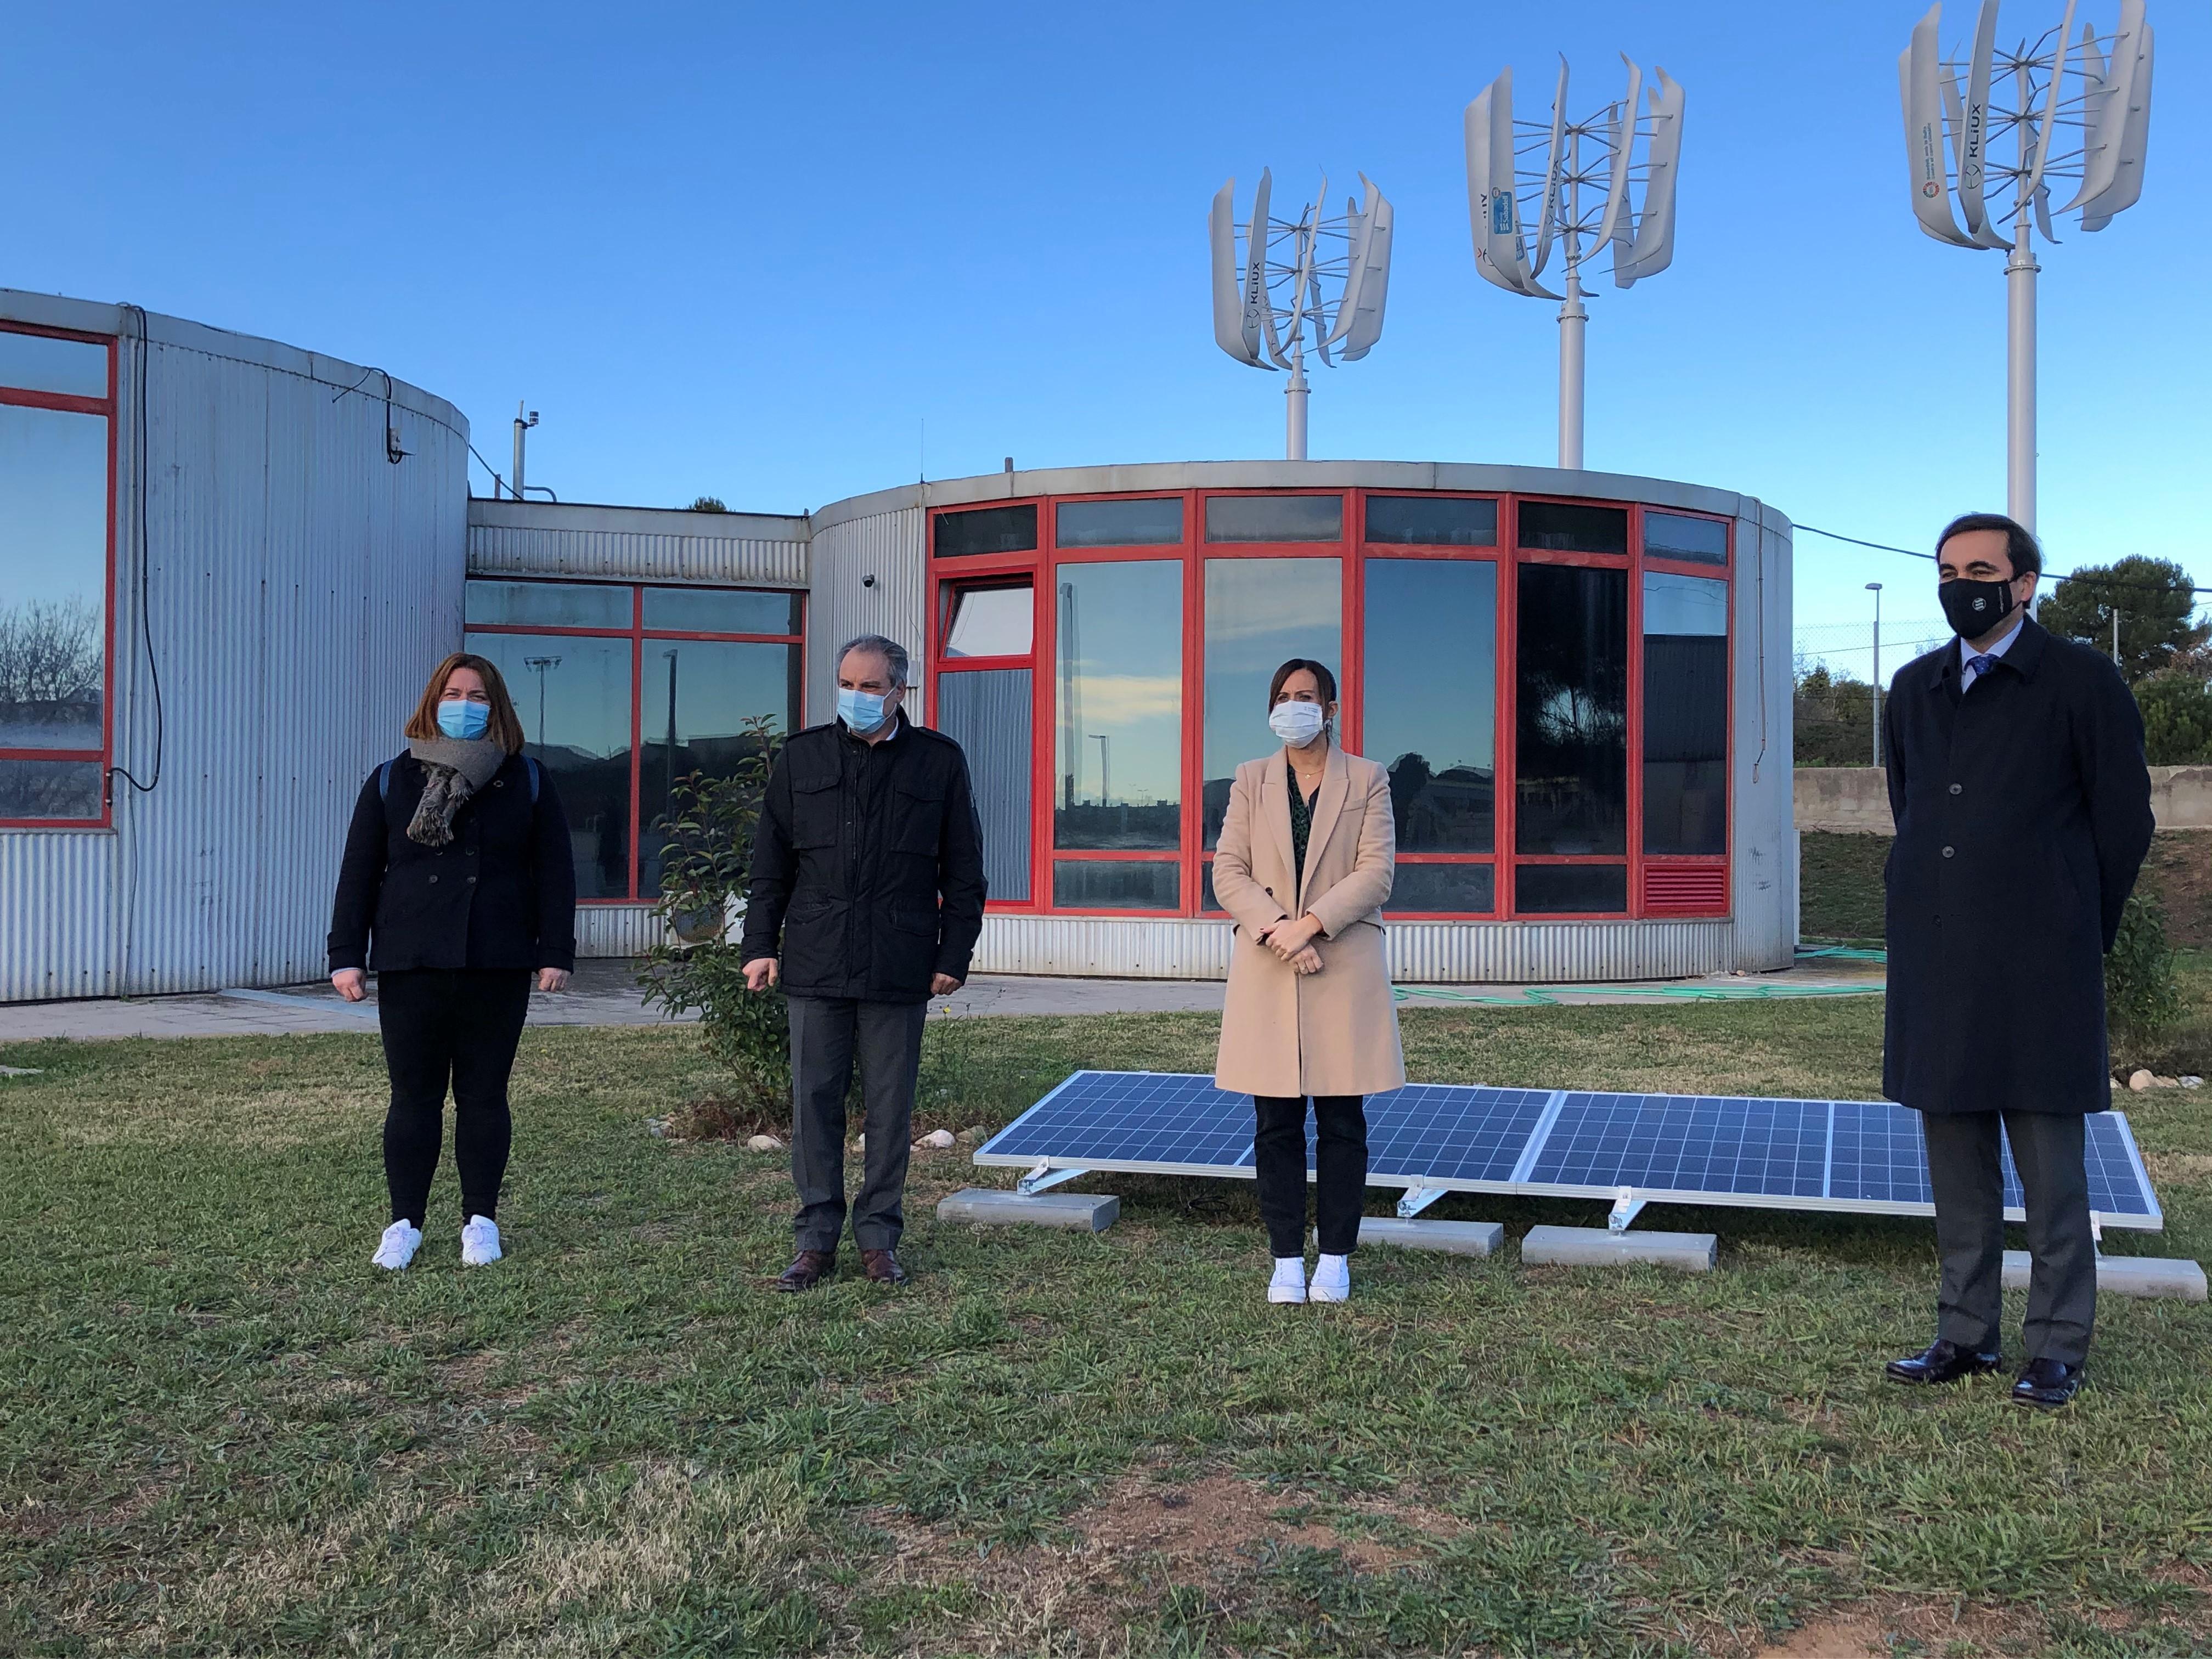 Lluís Ridao i Marta Farrés durant la presentació del parc fotovoltaic a la depuradora de Sabadell